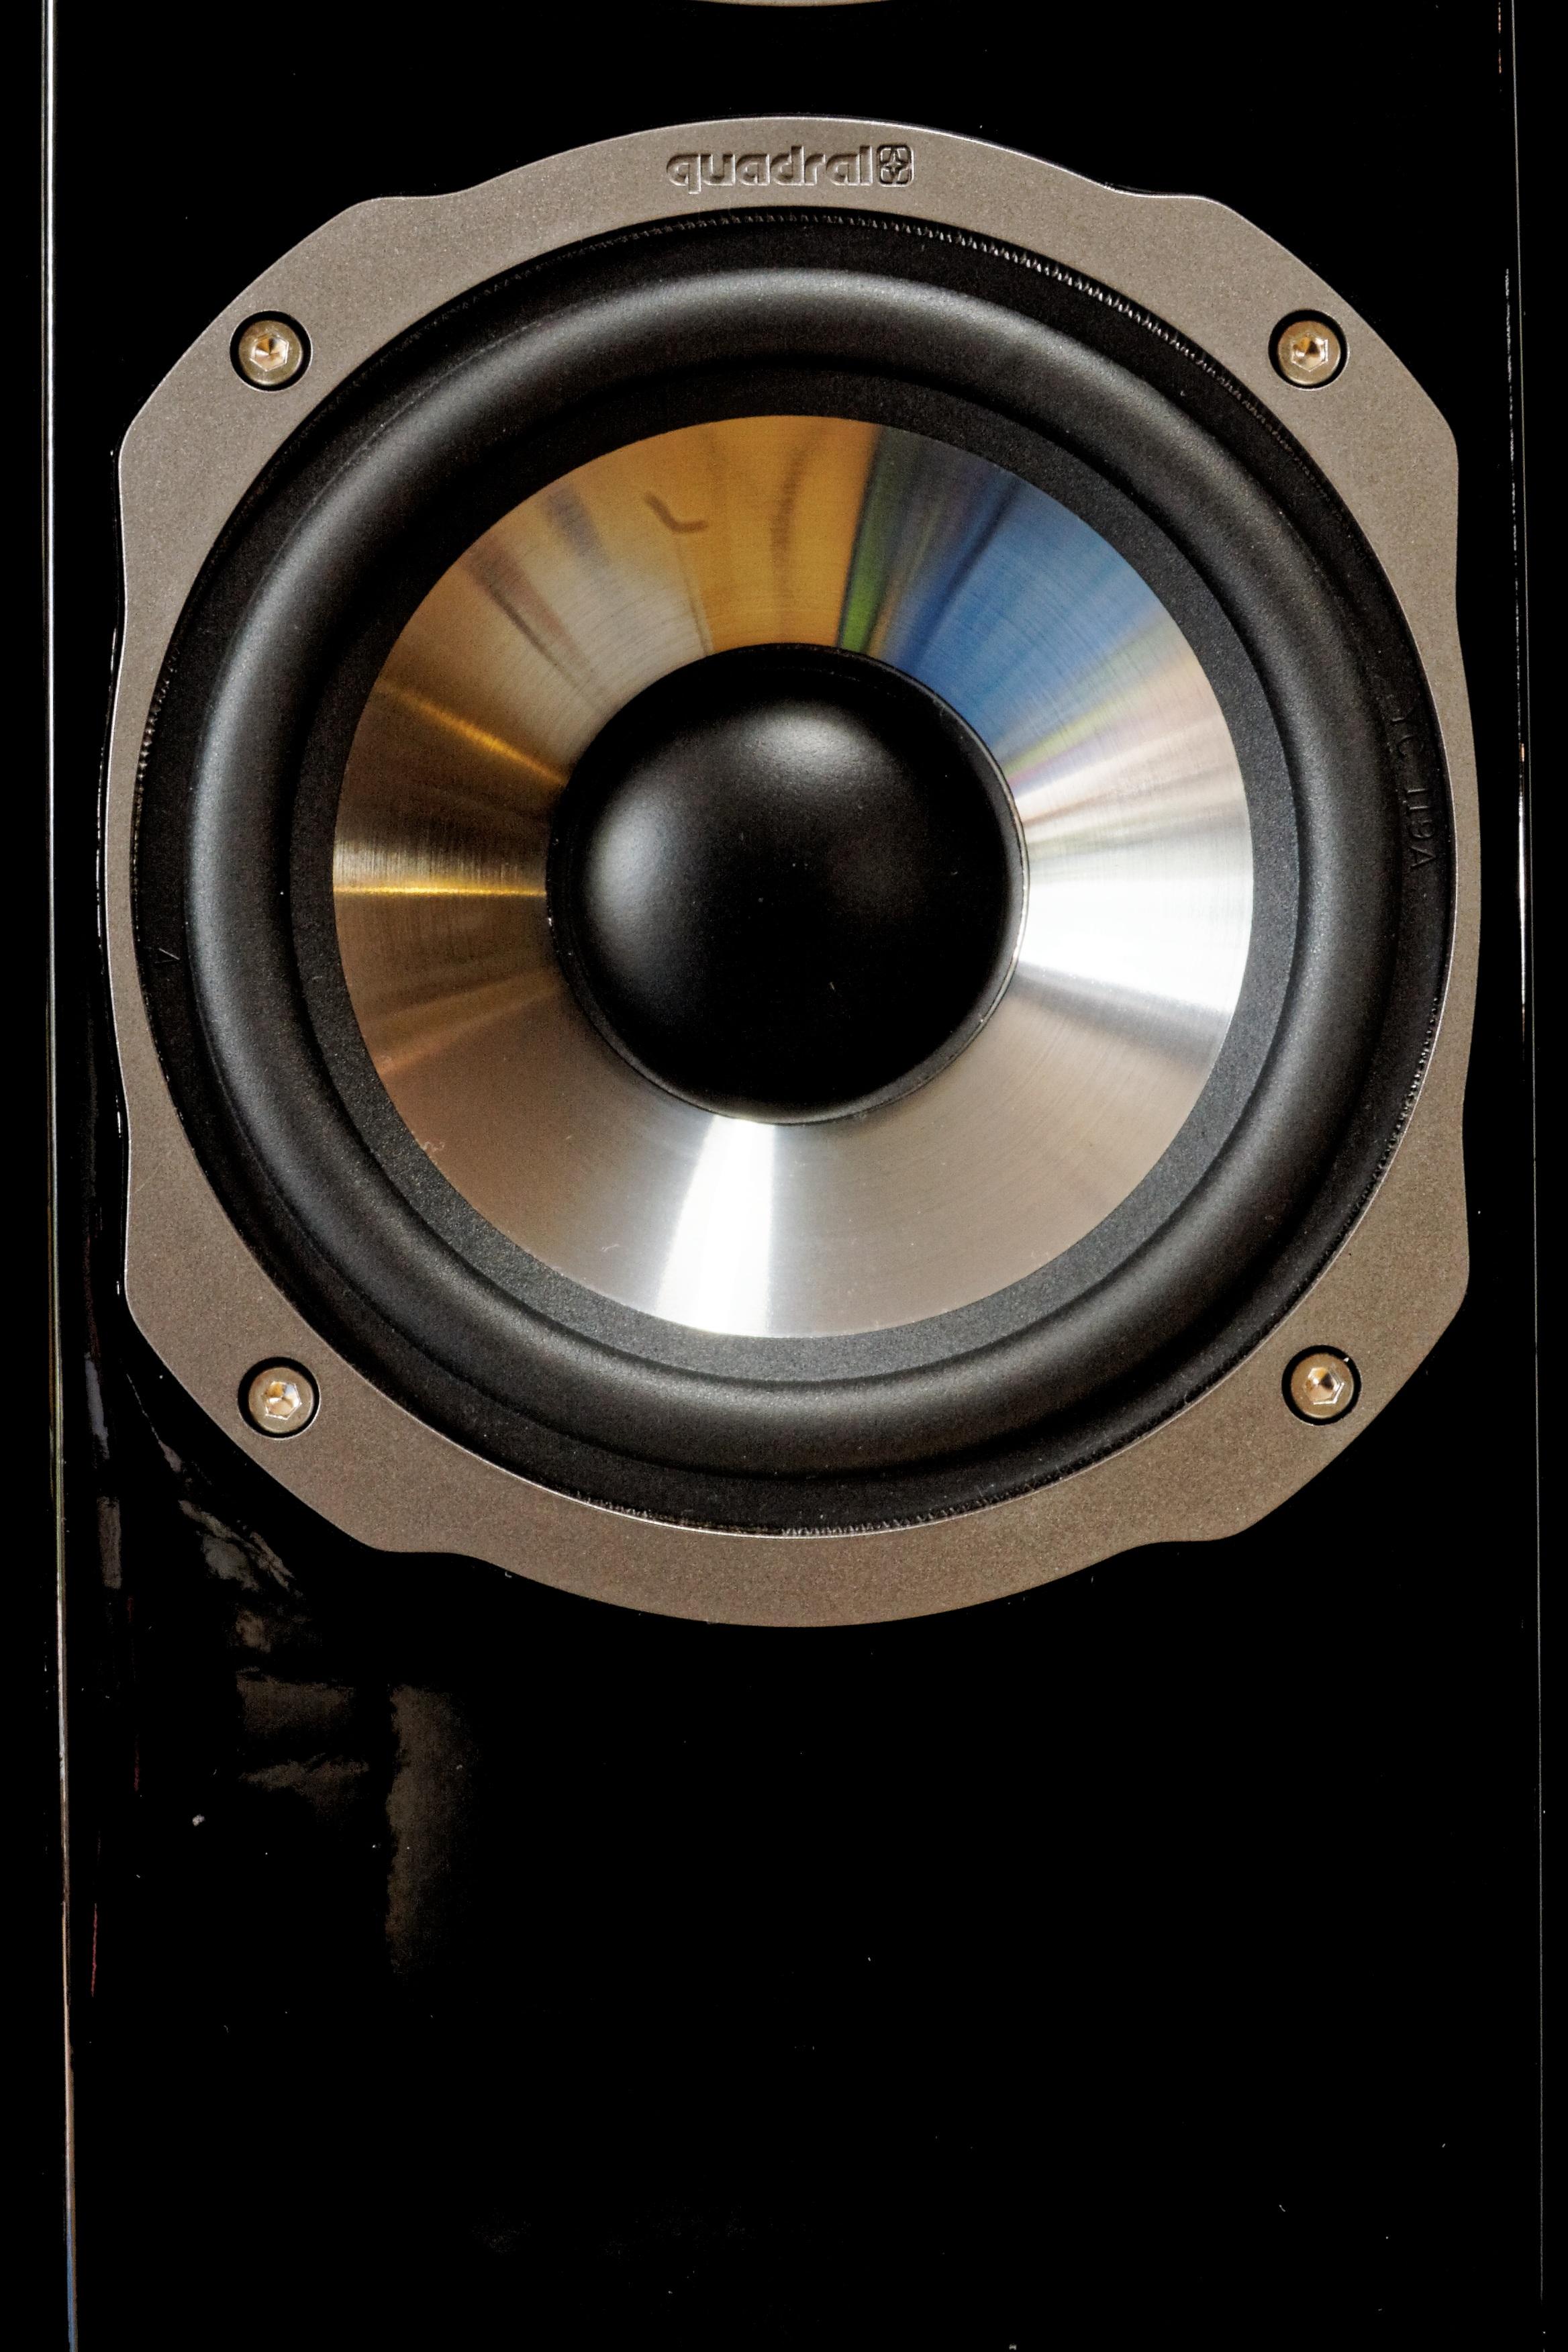 Kostenlose foto musik technologie rad box kreis bass titan entwurf audio klingen - Casse acustiche design ...